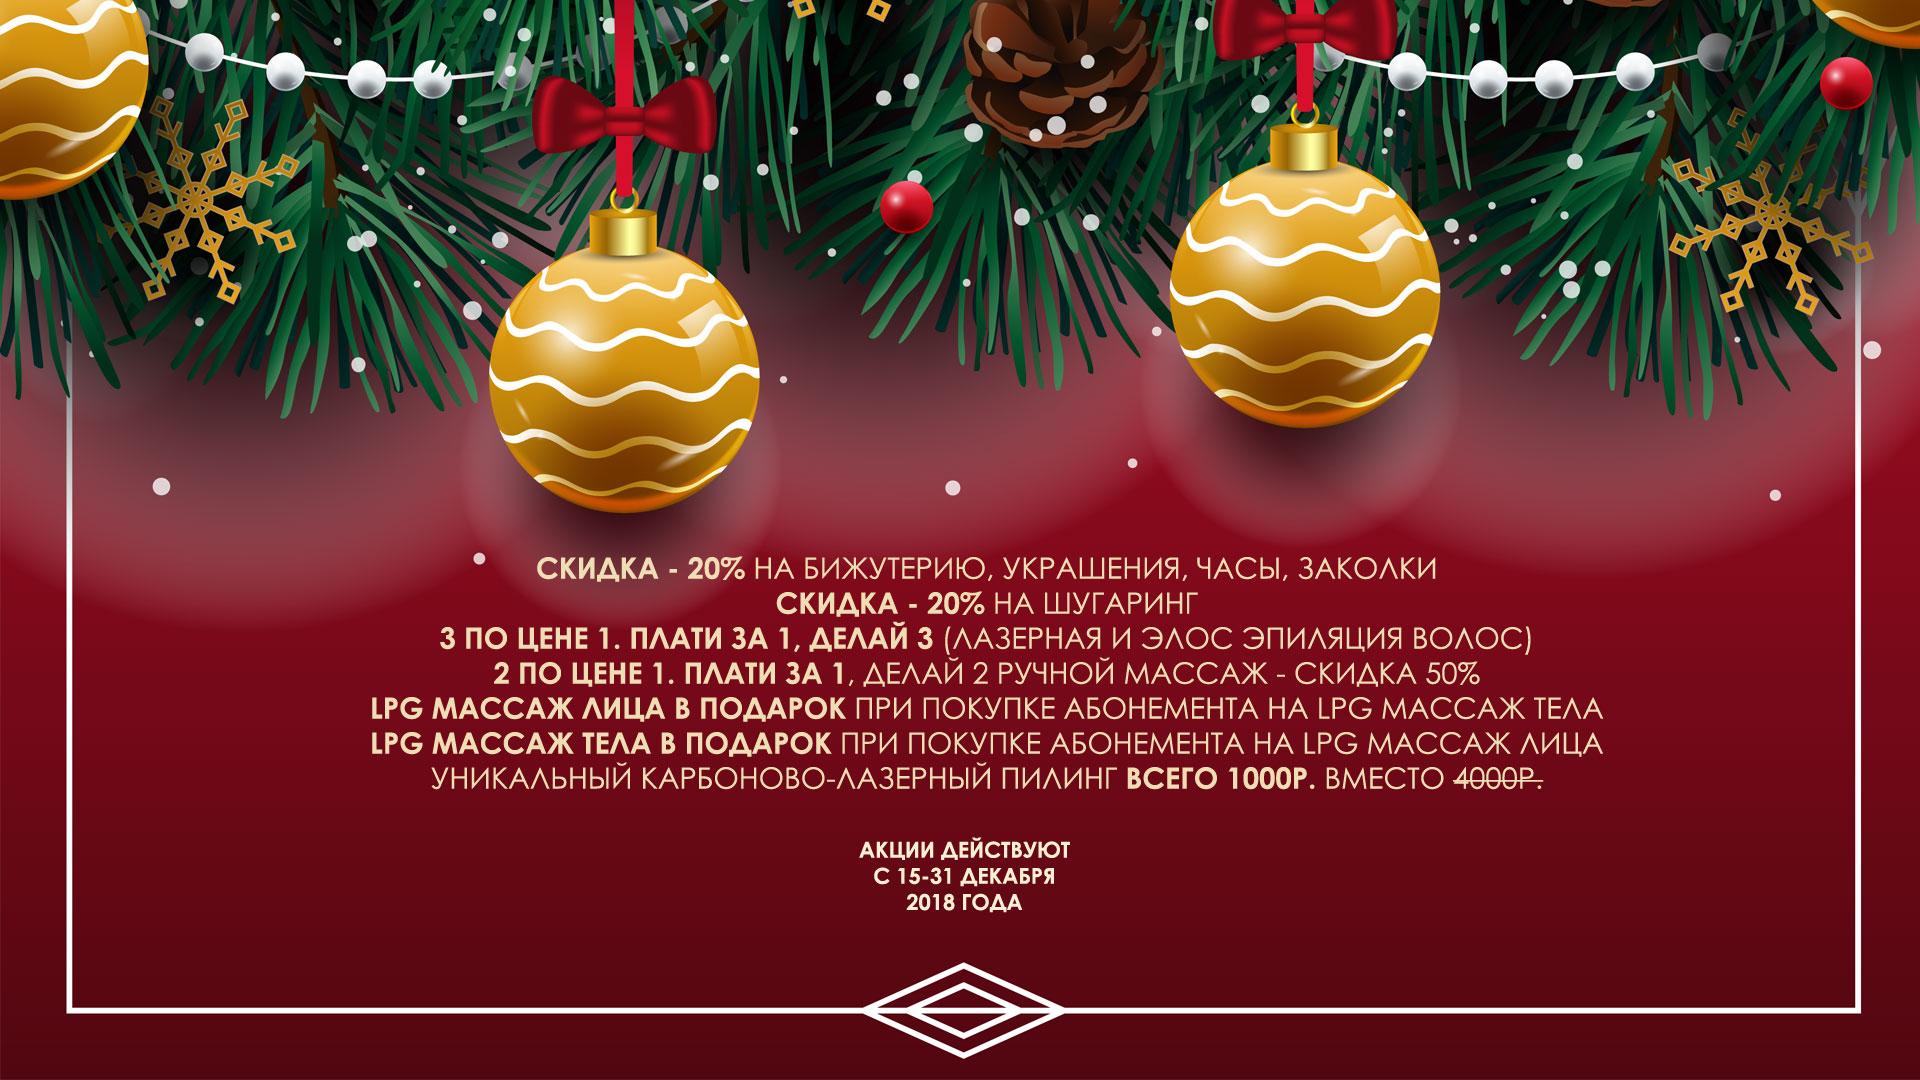 Акции с 15-31 декабря 2018 года